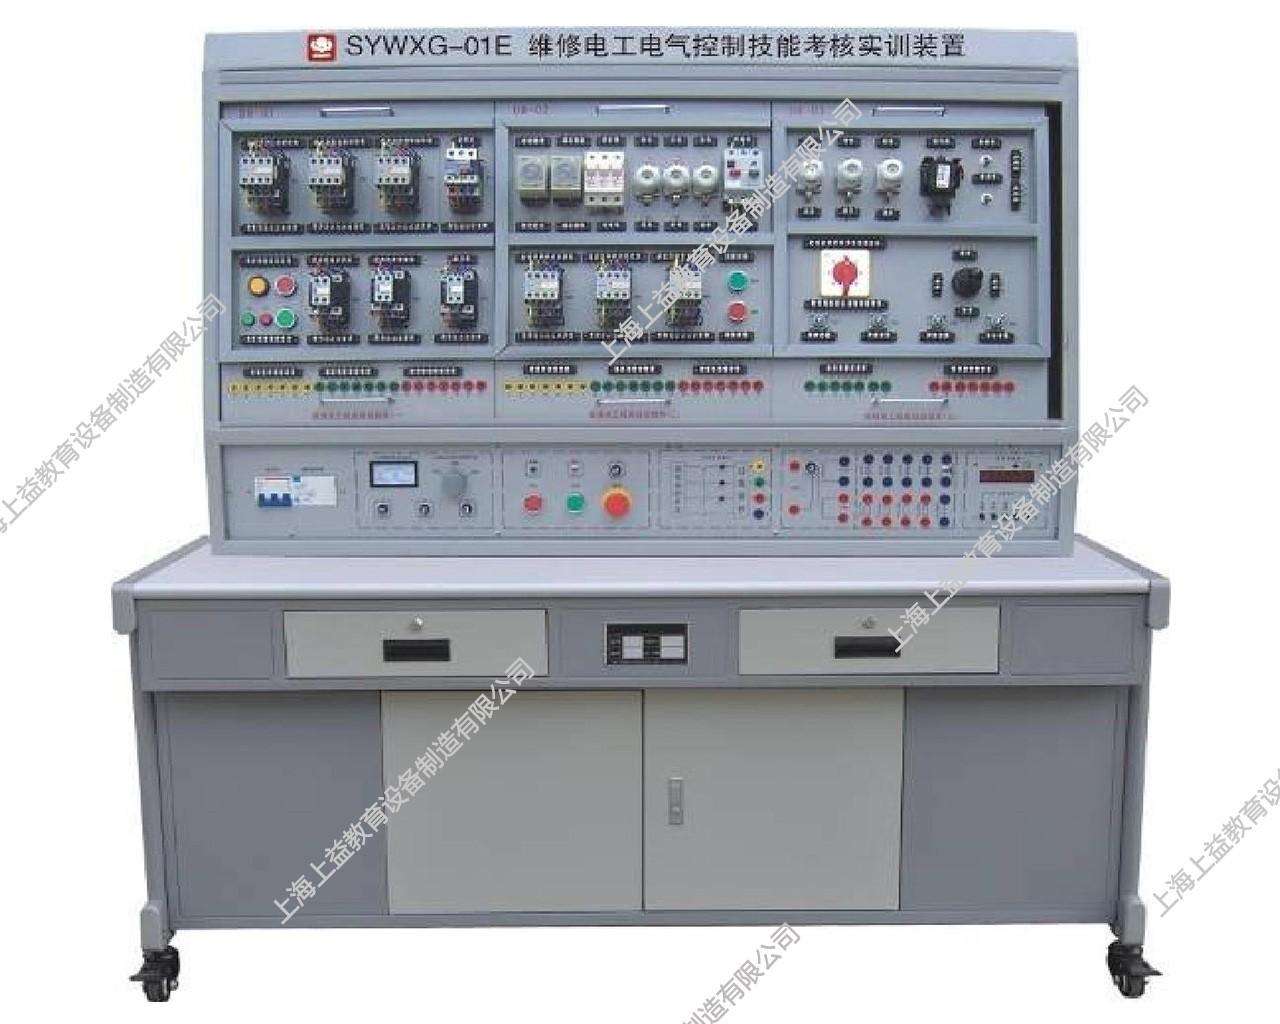 SYWXG-01E维修电工电气控制技能lehu68vipwwwlehu8vip装置